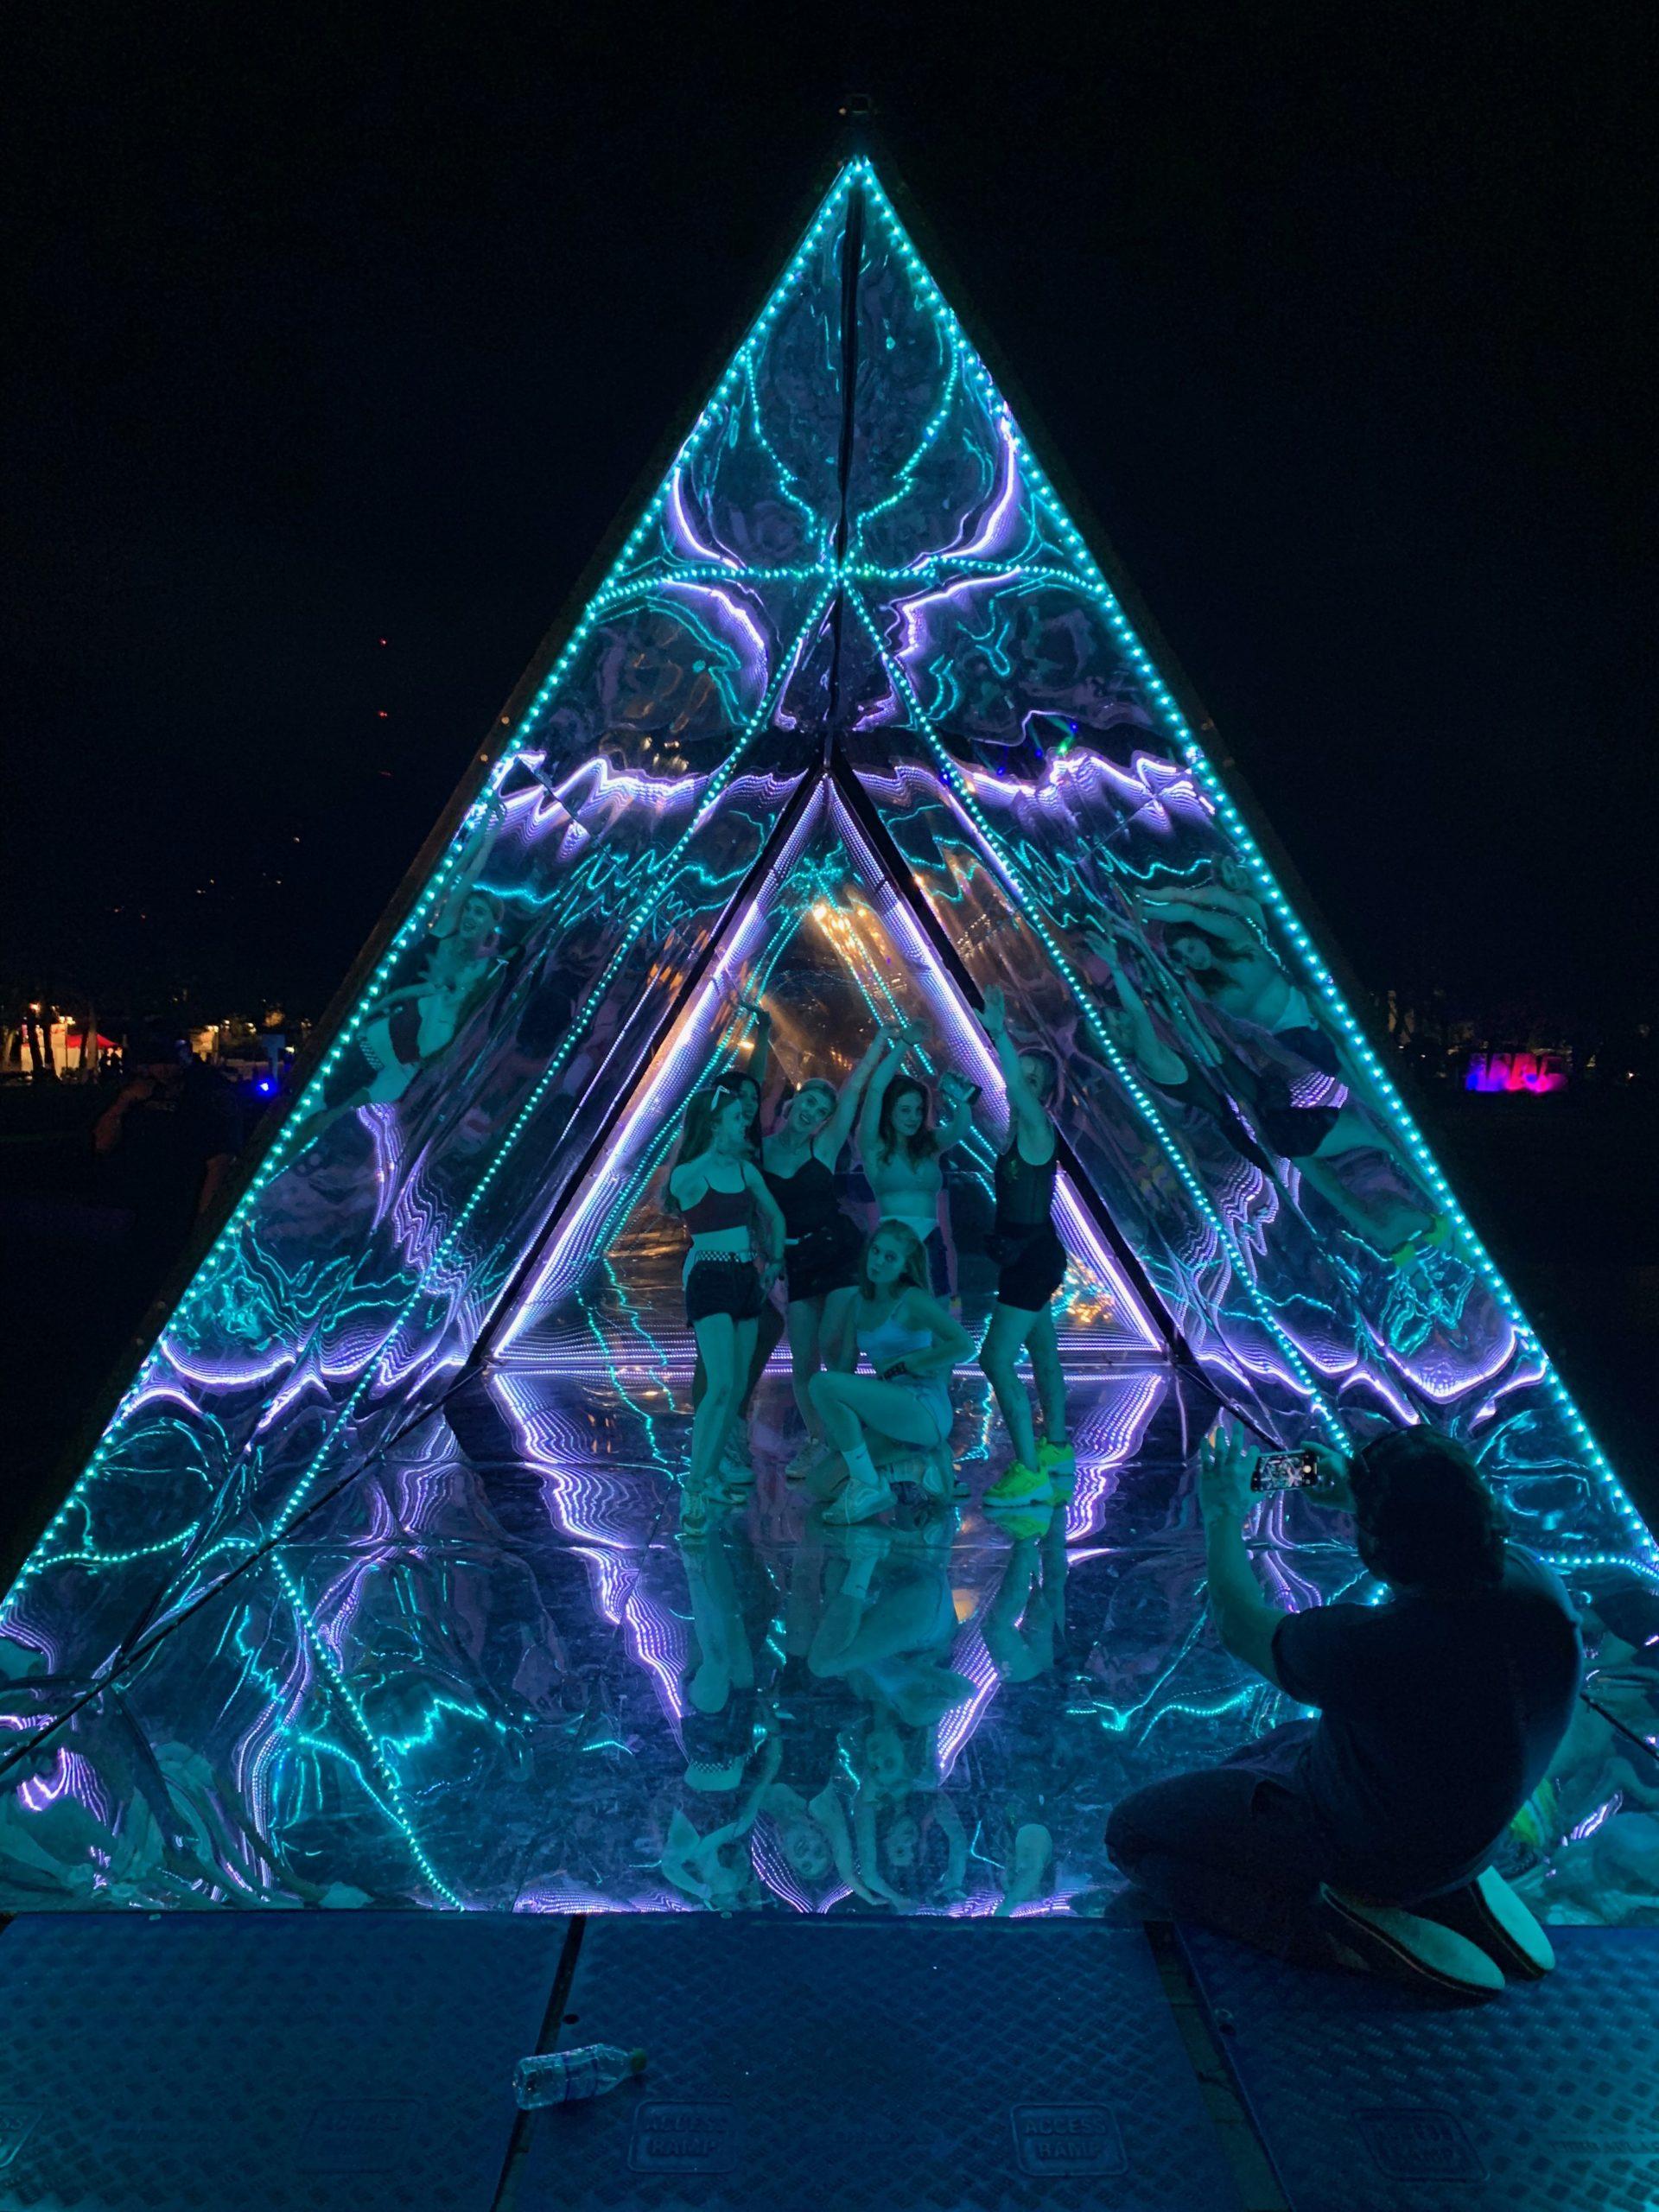 Infinity Kaleidoscope